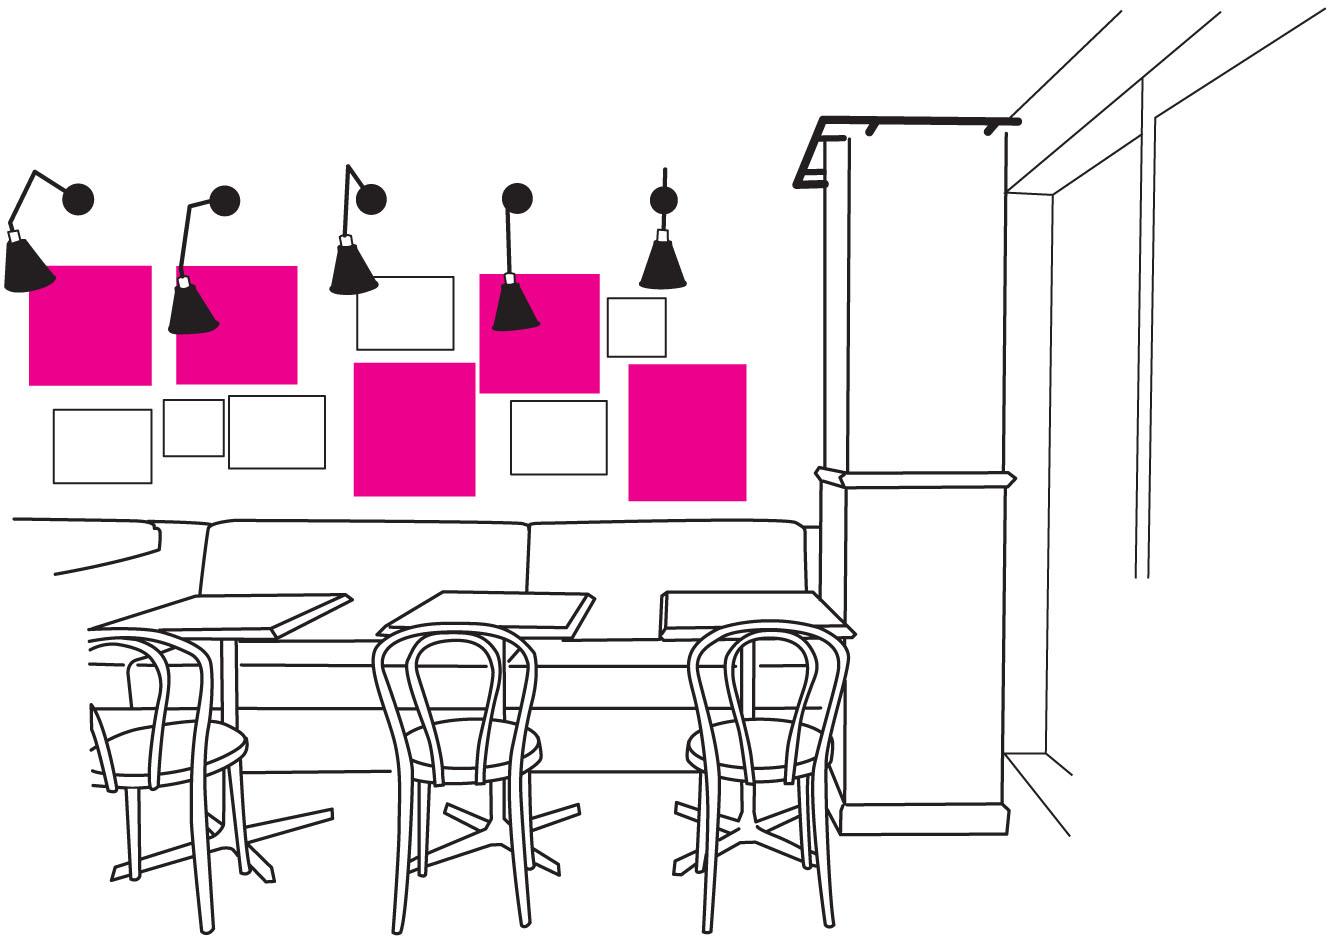 カフェレストラン - 壁際席の設置場所